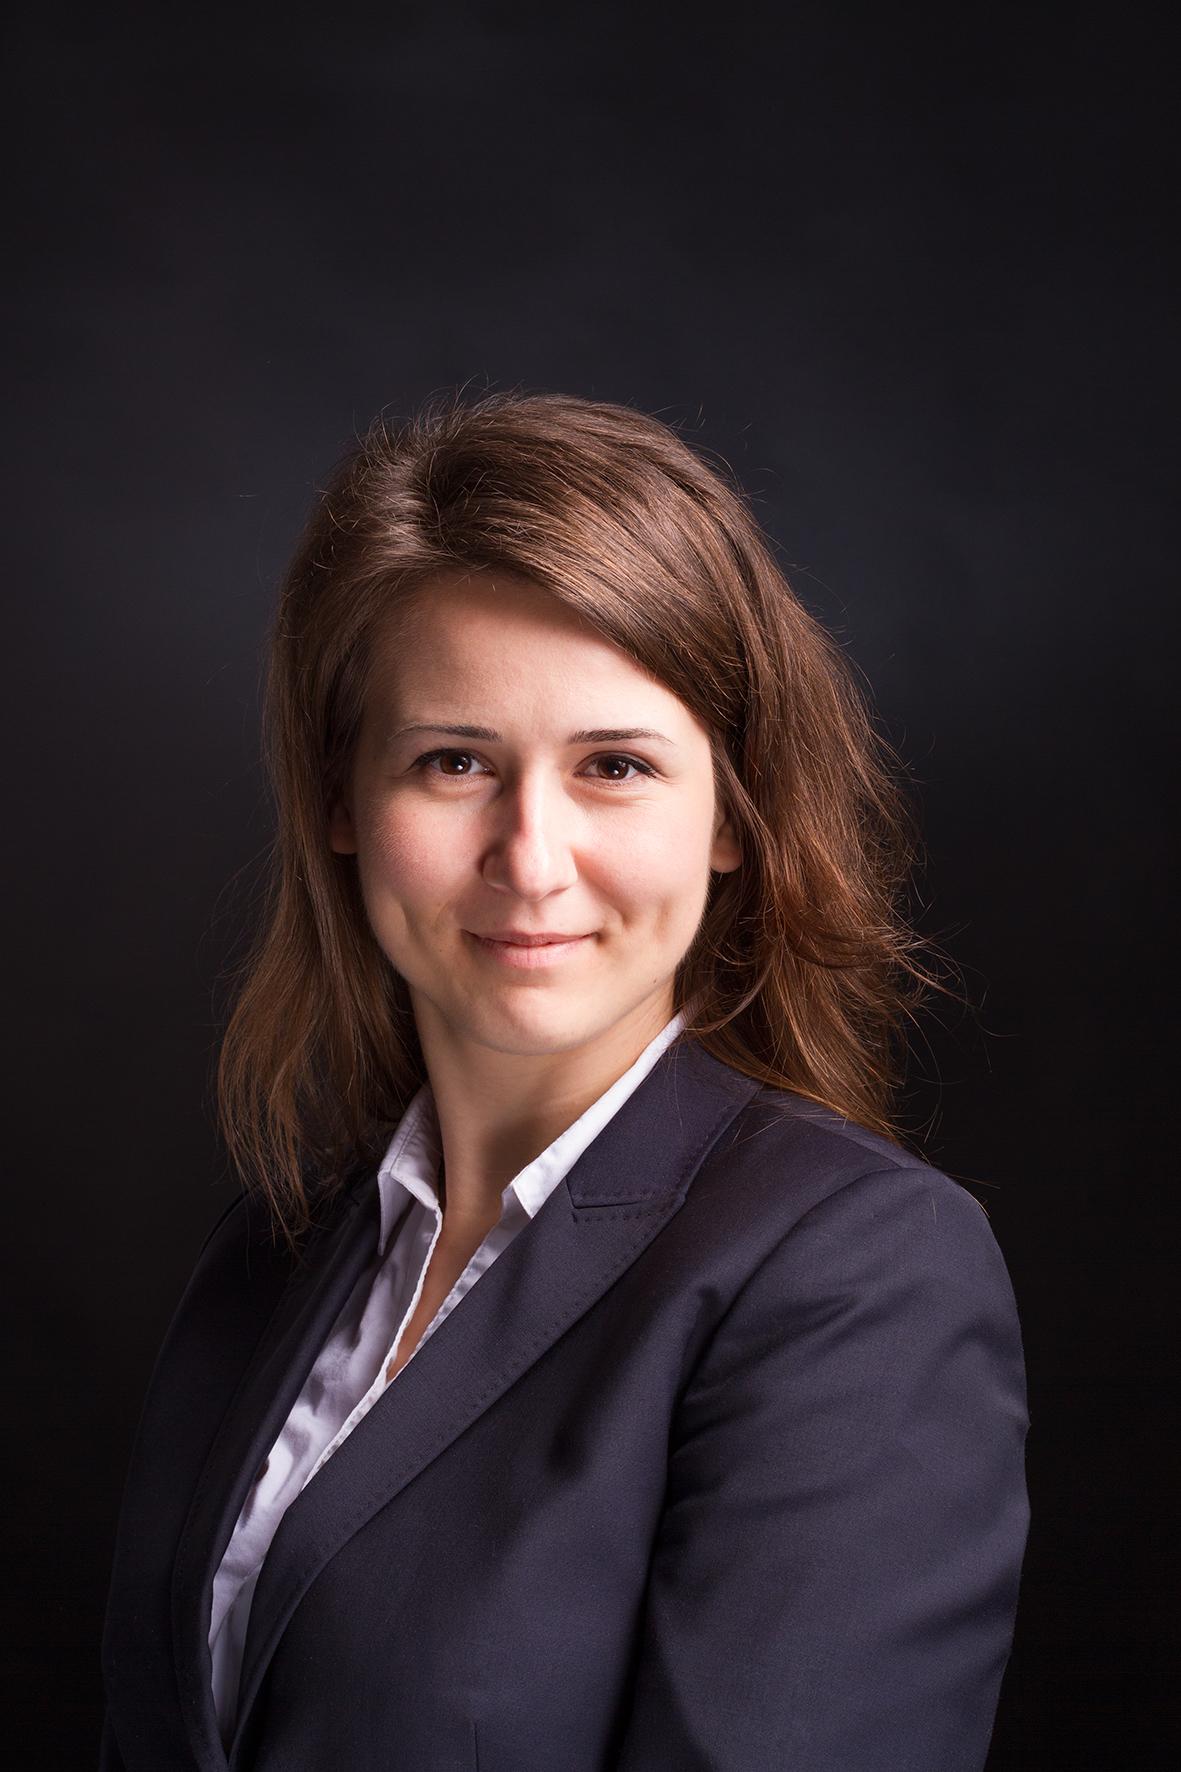 Anzhalika Yeraminovich